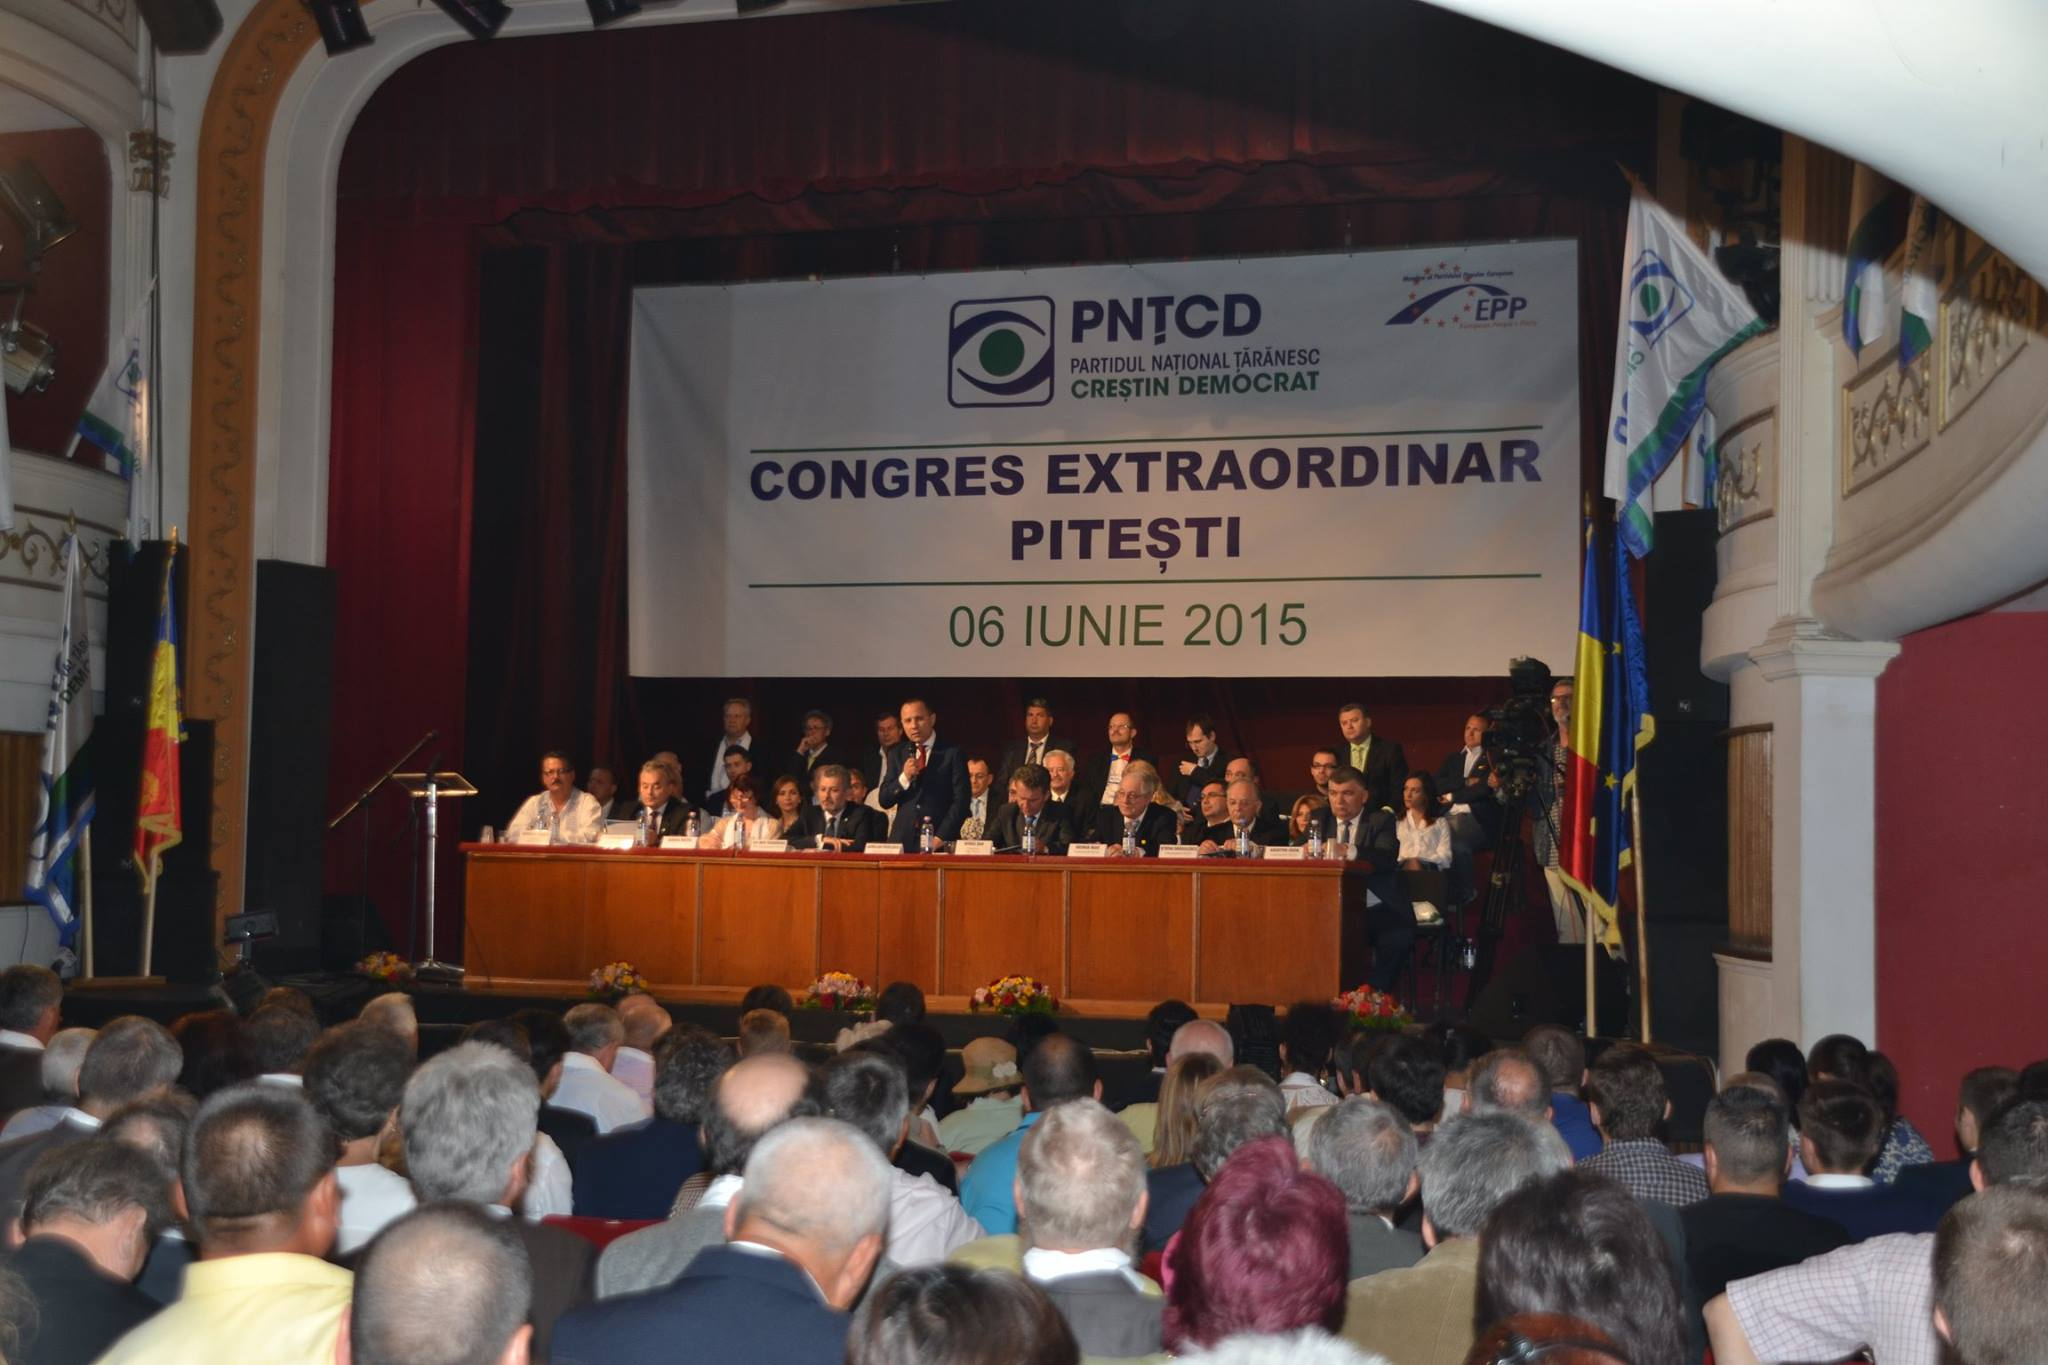 Congresul Extraordinar al Partidului Național Țărănesc Creștin Democrat la Piteşti